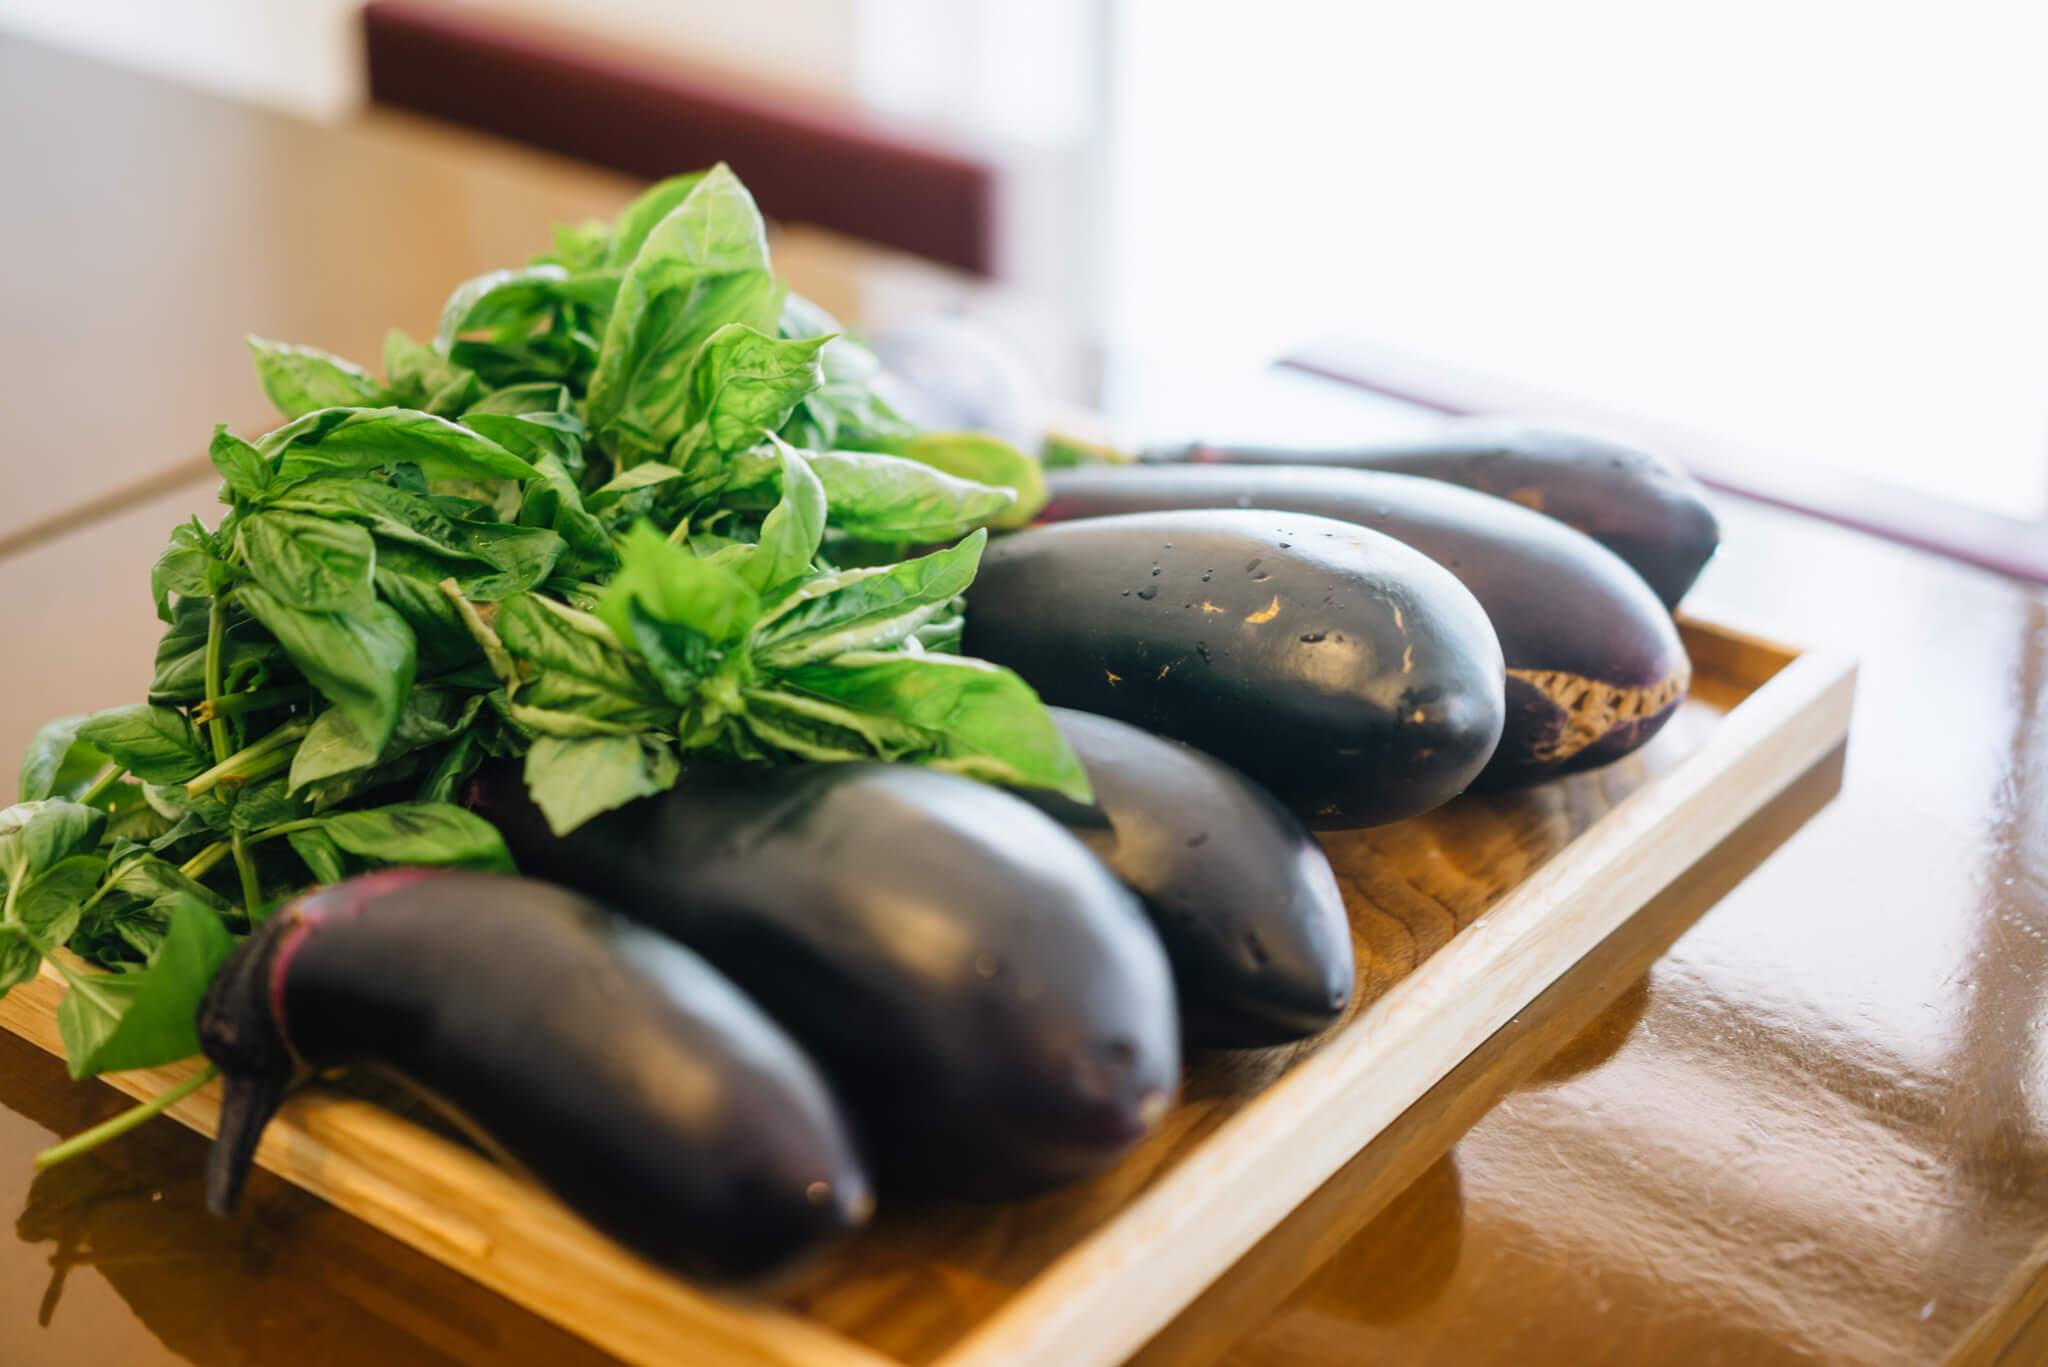 この日は、畑でたくさん、大きな茄子が獲れたので、それを使った料理を試作中でした。